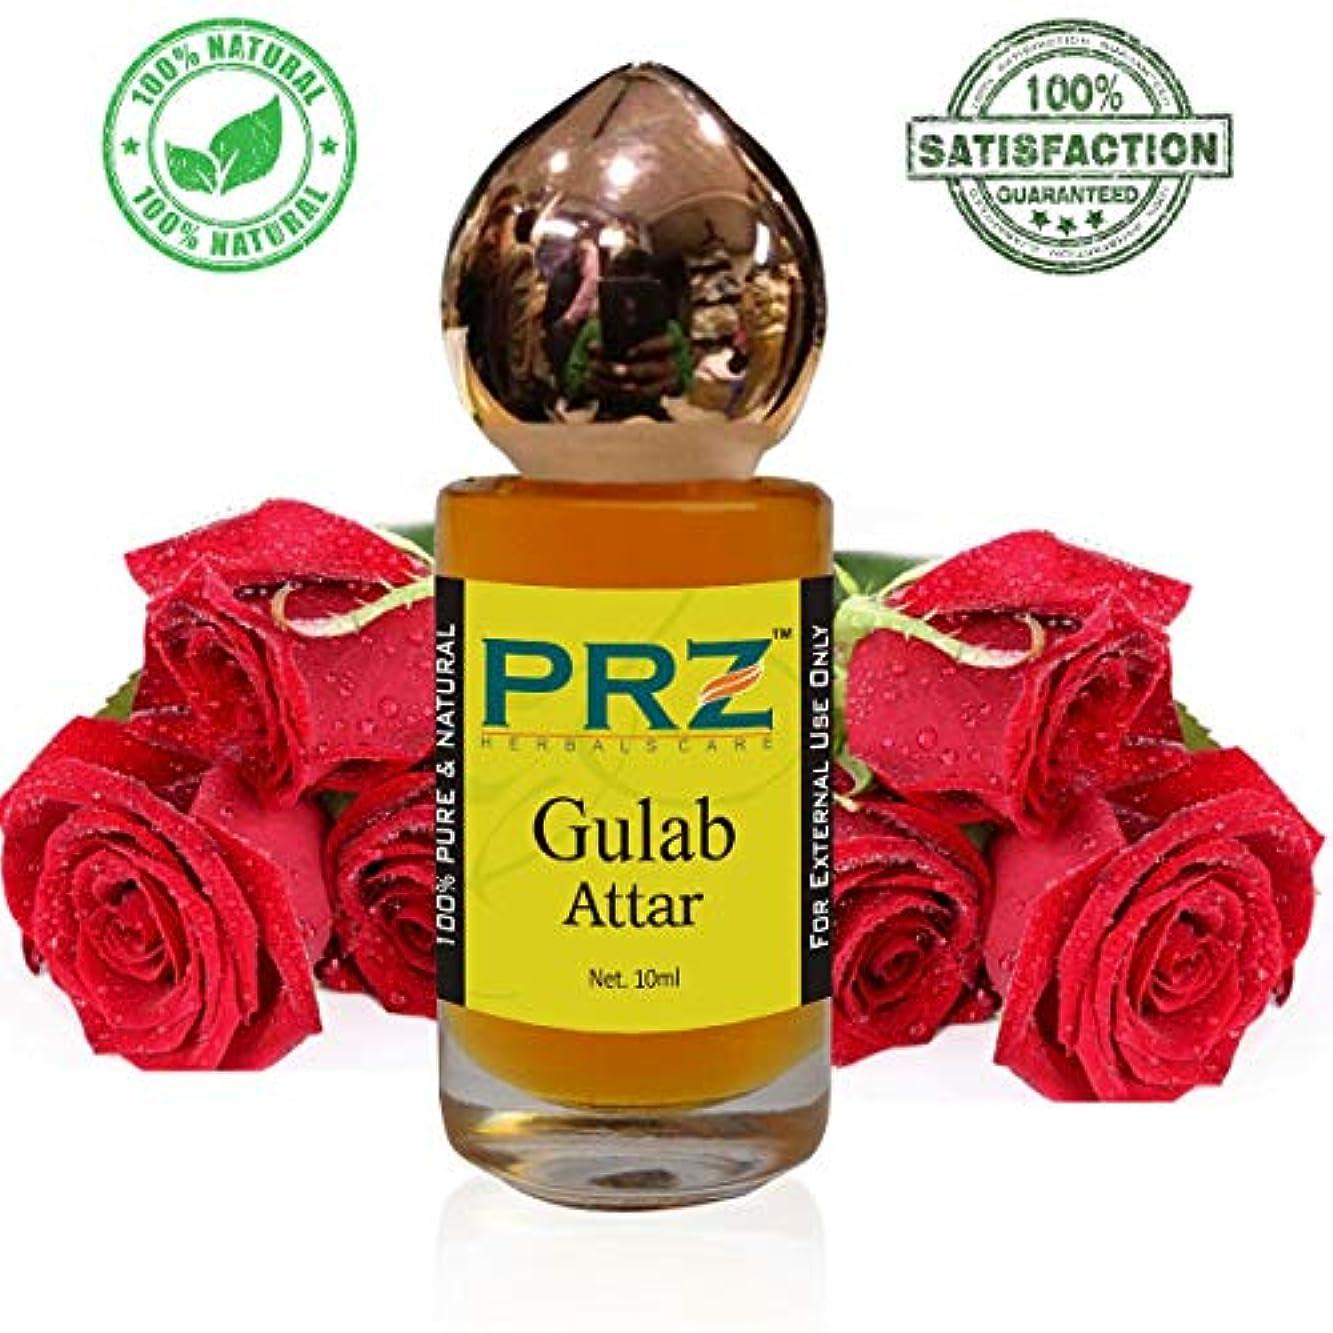 解凍する、雪解け、霜解け大砲覚えているユニセックスのためにGULABアターロールオン(10 ML) - ピュアナチュラルプレミアム品質の香水(ノンアルコール)|アターITRA最高品質の香水は、長期的なアタースプレー